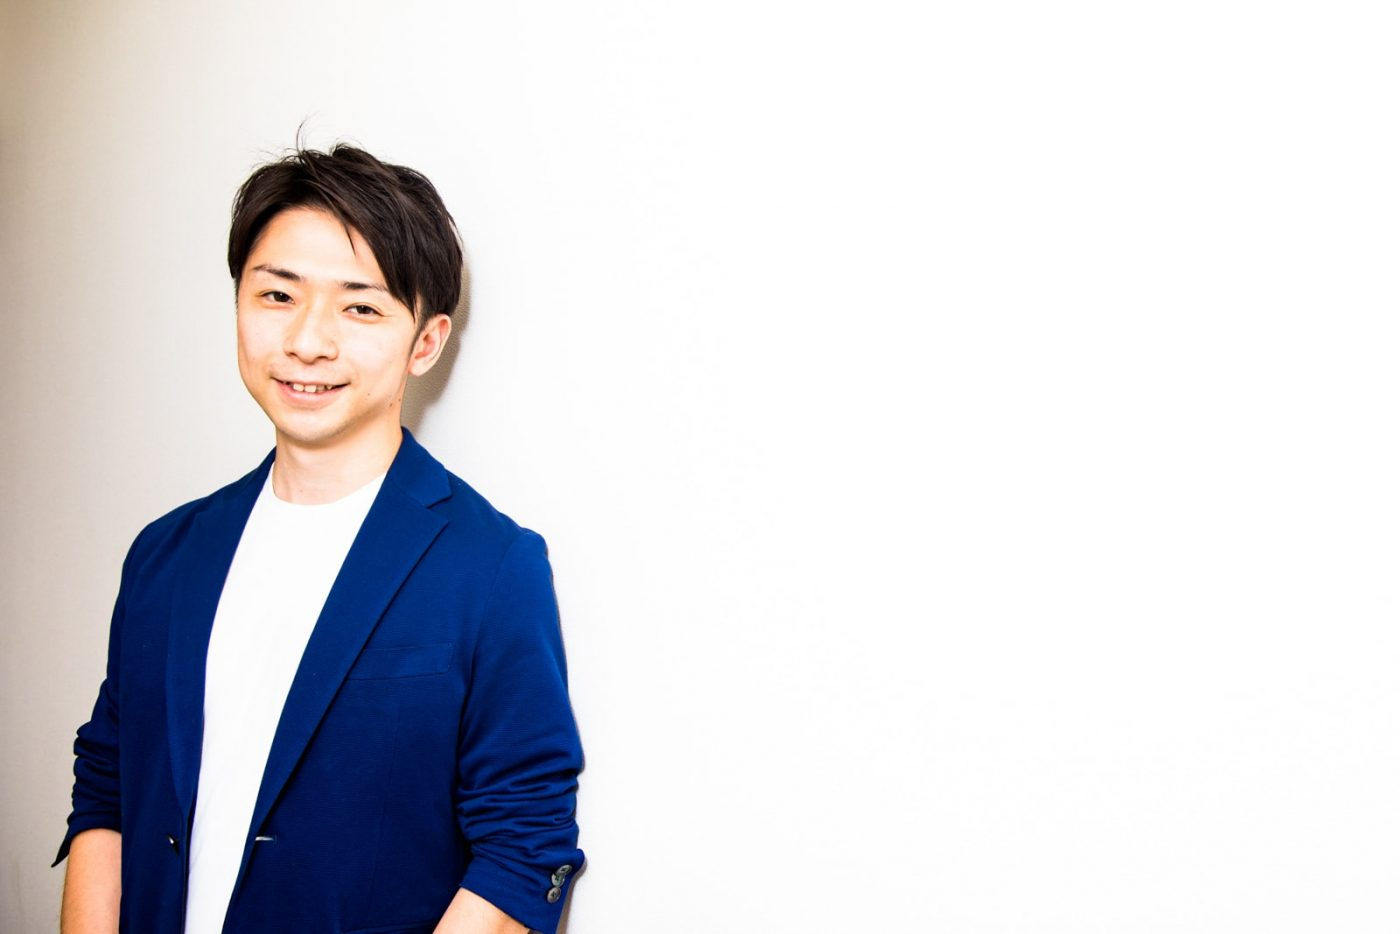 ■中尾豊(なかお・ゆたか) ー株式会社カケハシ代表取締役CEO